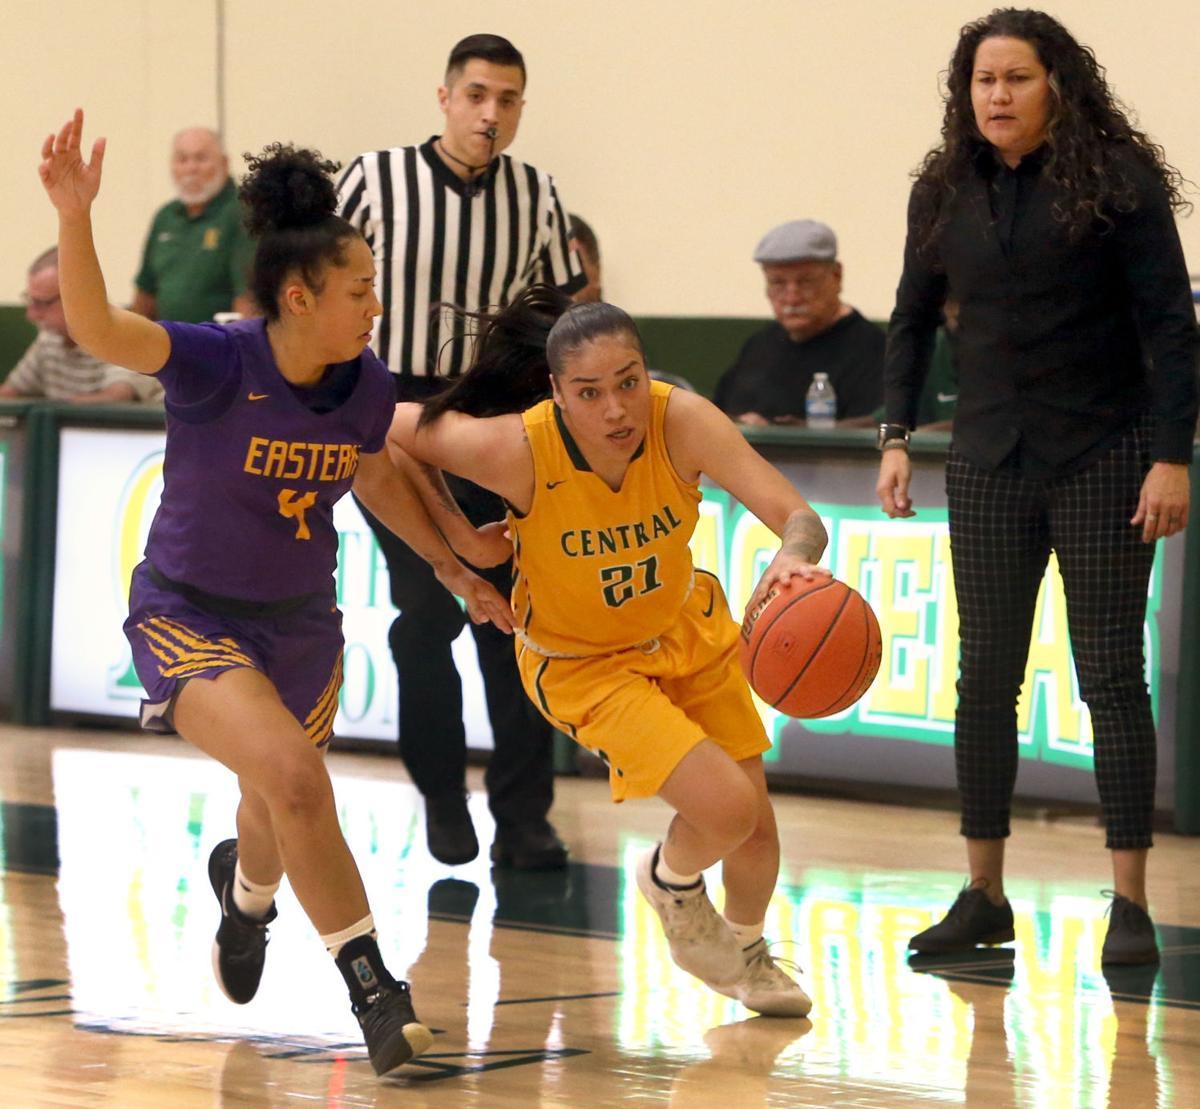 Central vs. Eastern women's basketball